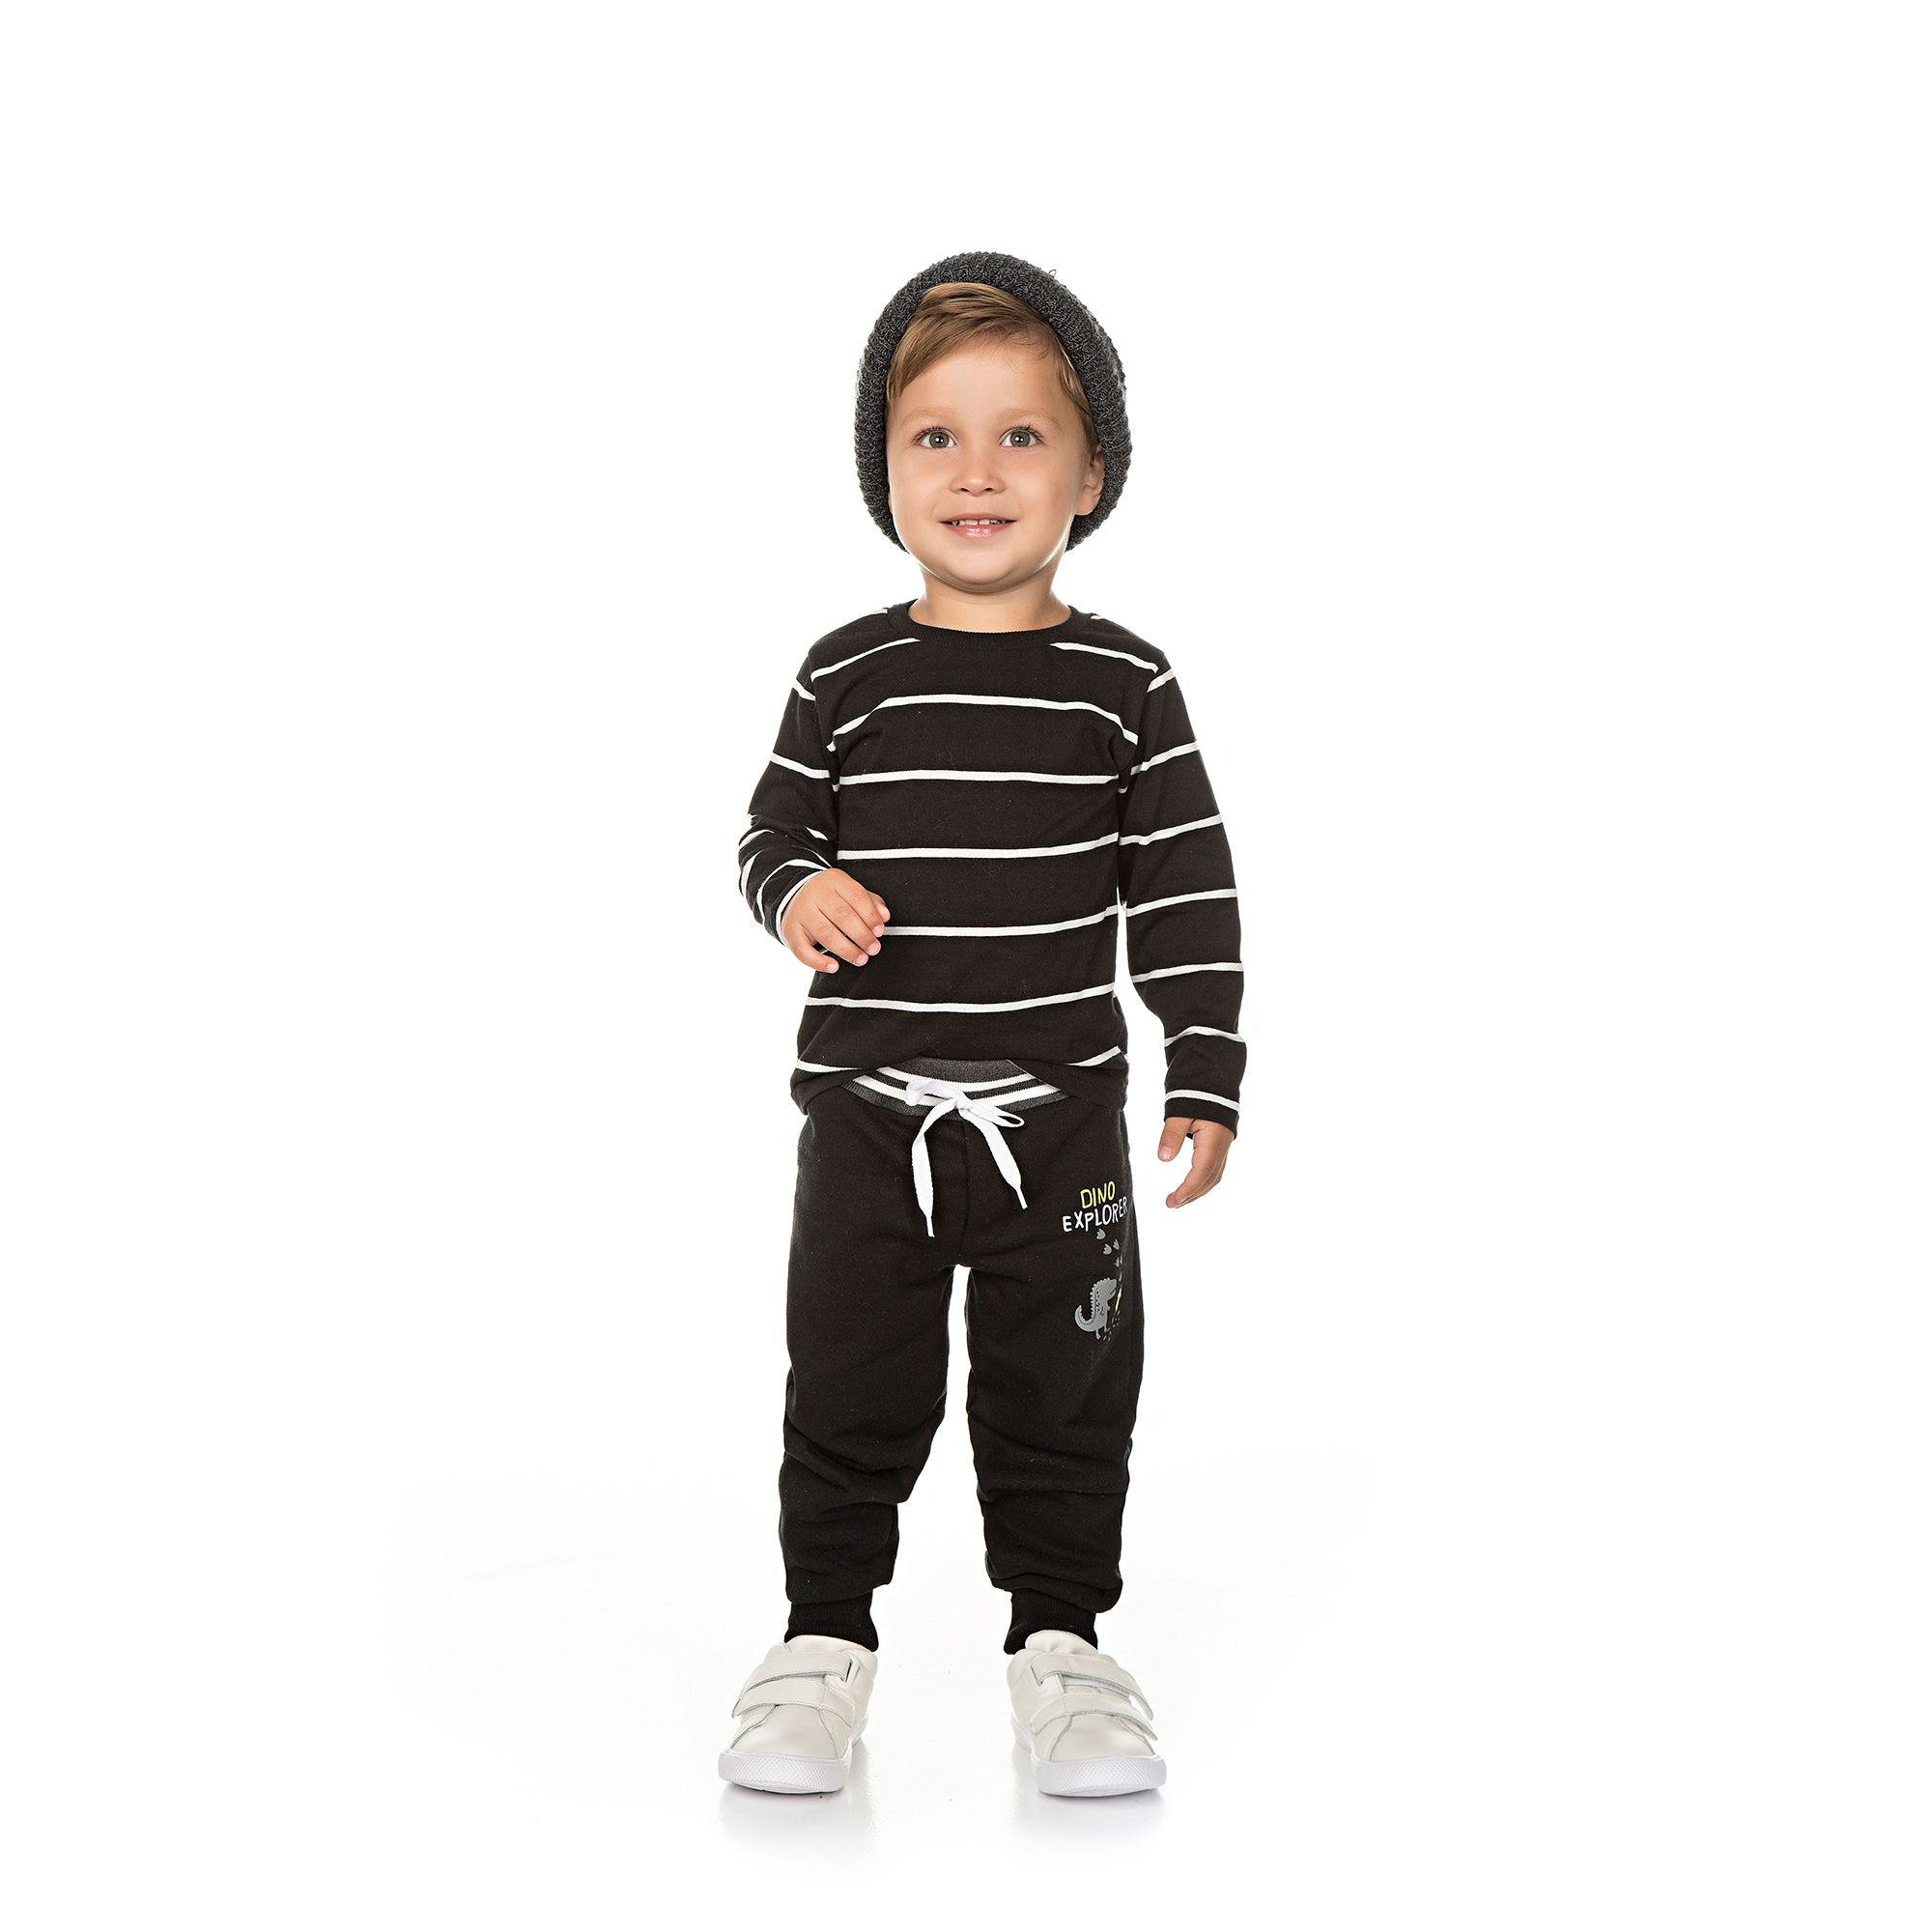 Calça Infantil Masculina - Ref 4982 - Preto